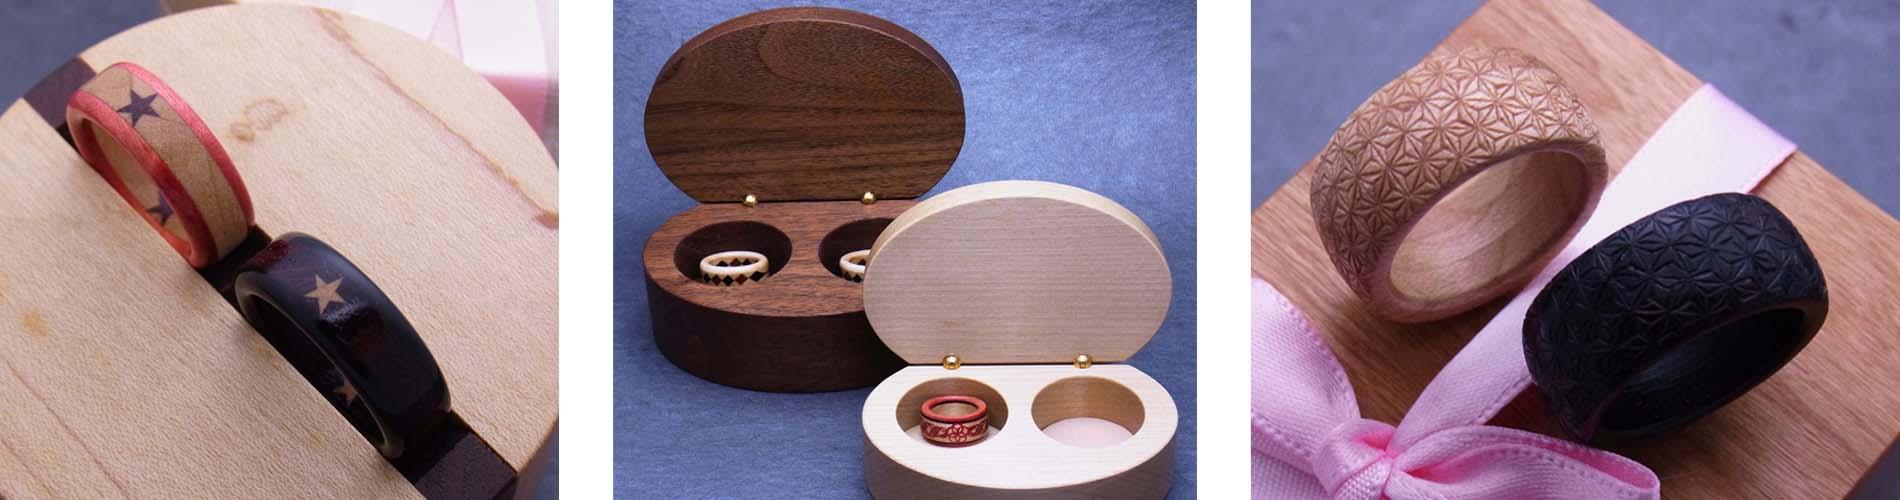 木婚式など、人生の様々な場面で木の指輪を贈る